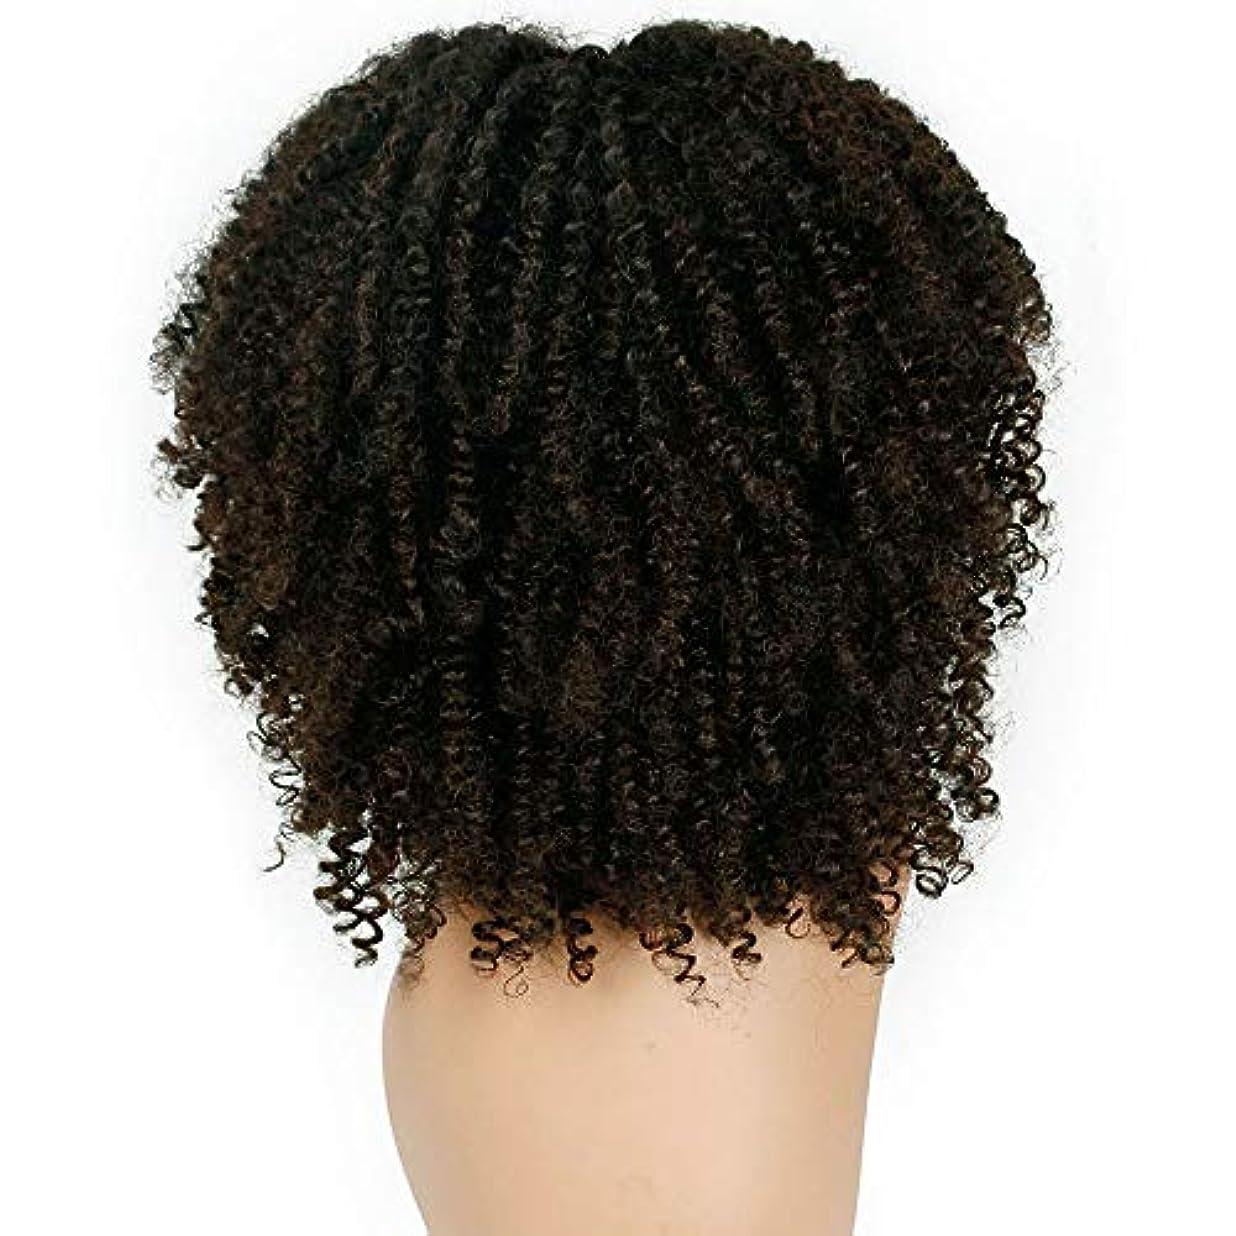 原因粗いオープニング女性かつらふわふわ爆発ヘッド巻き毛化学繊維かつら38 cm